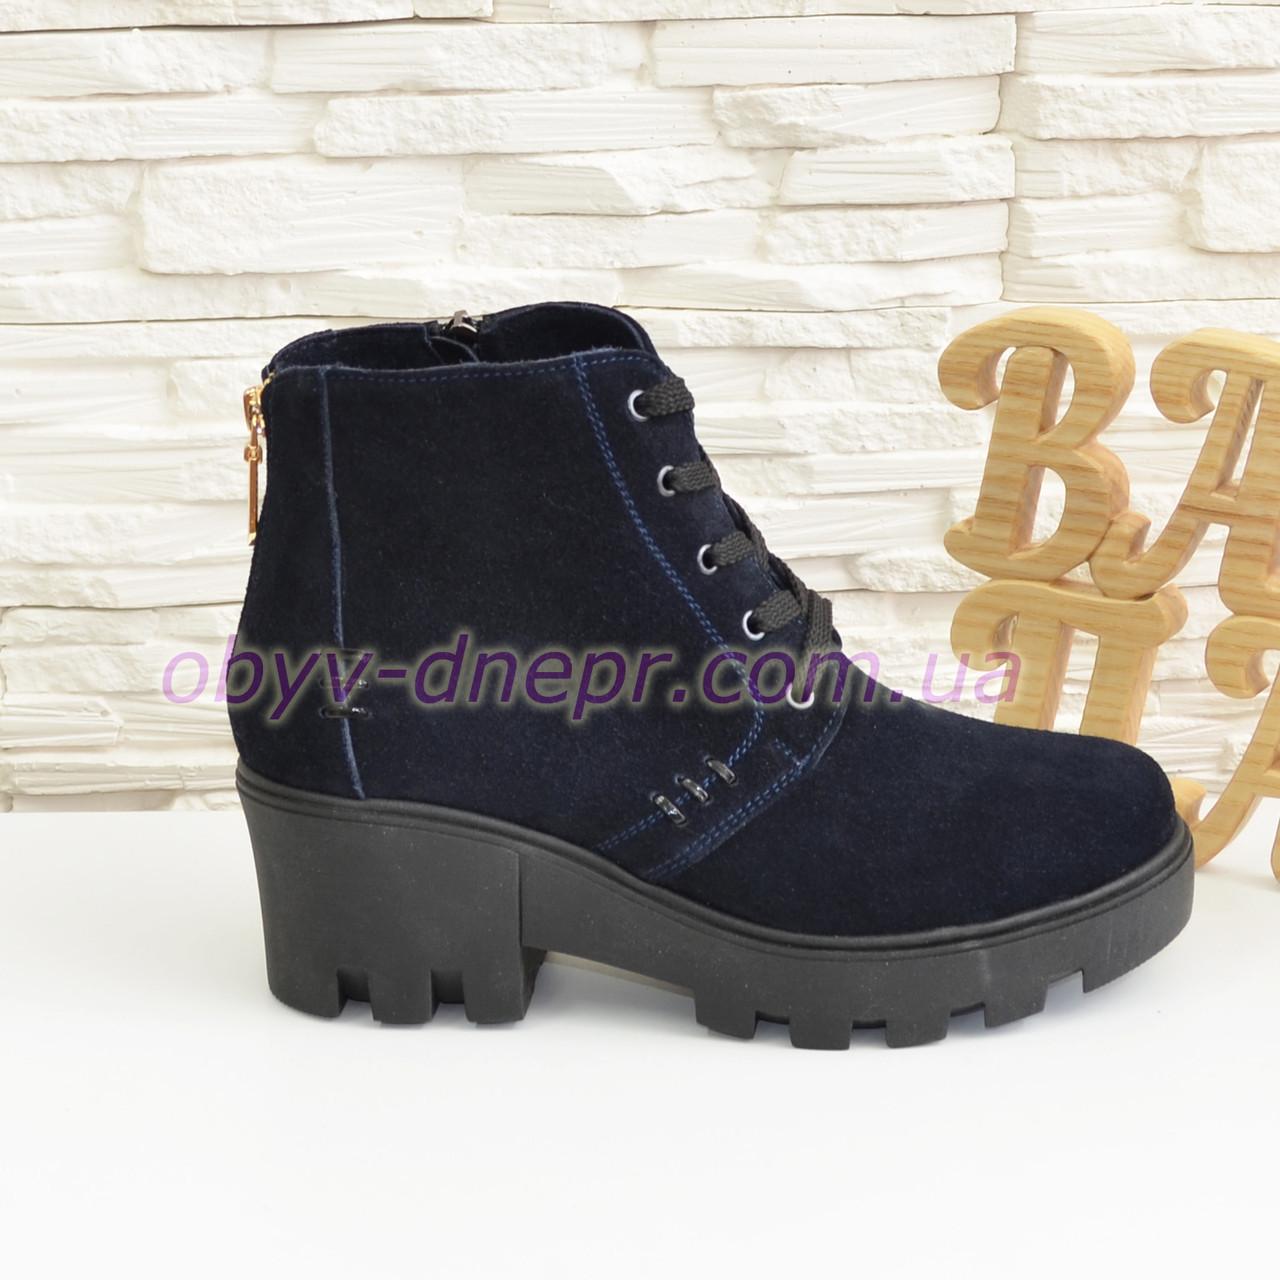 Женские зимние замшевые ботинки на шнуровке, синий цвет.